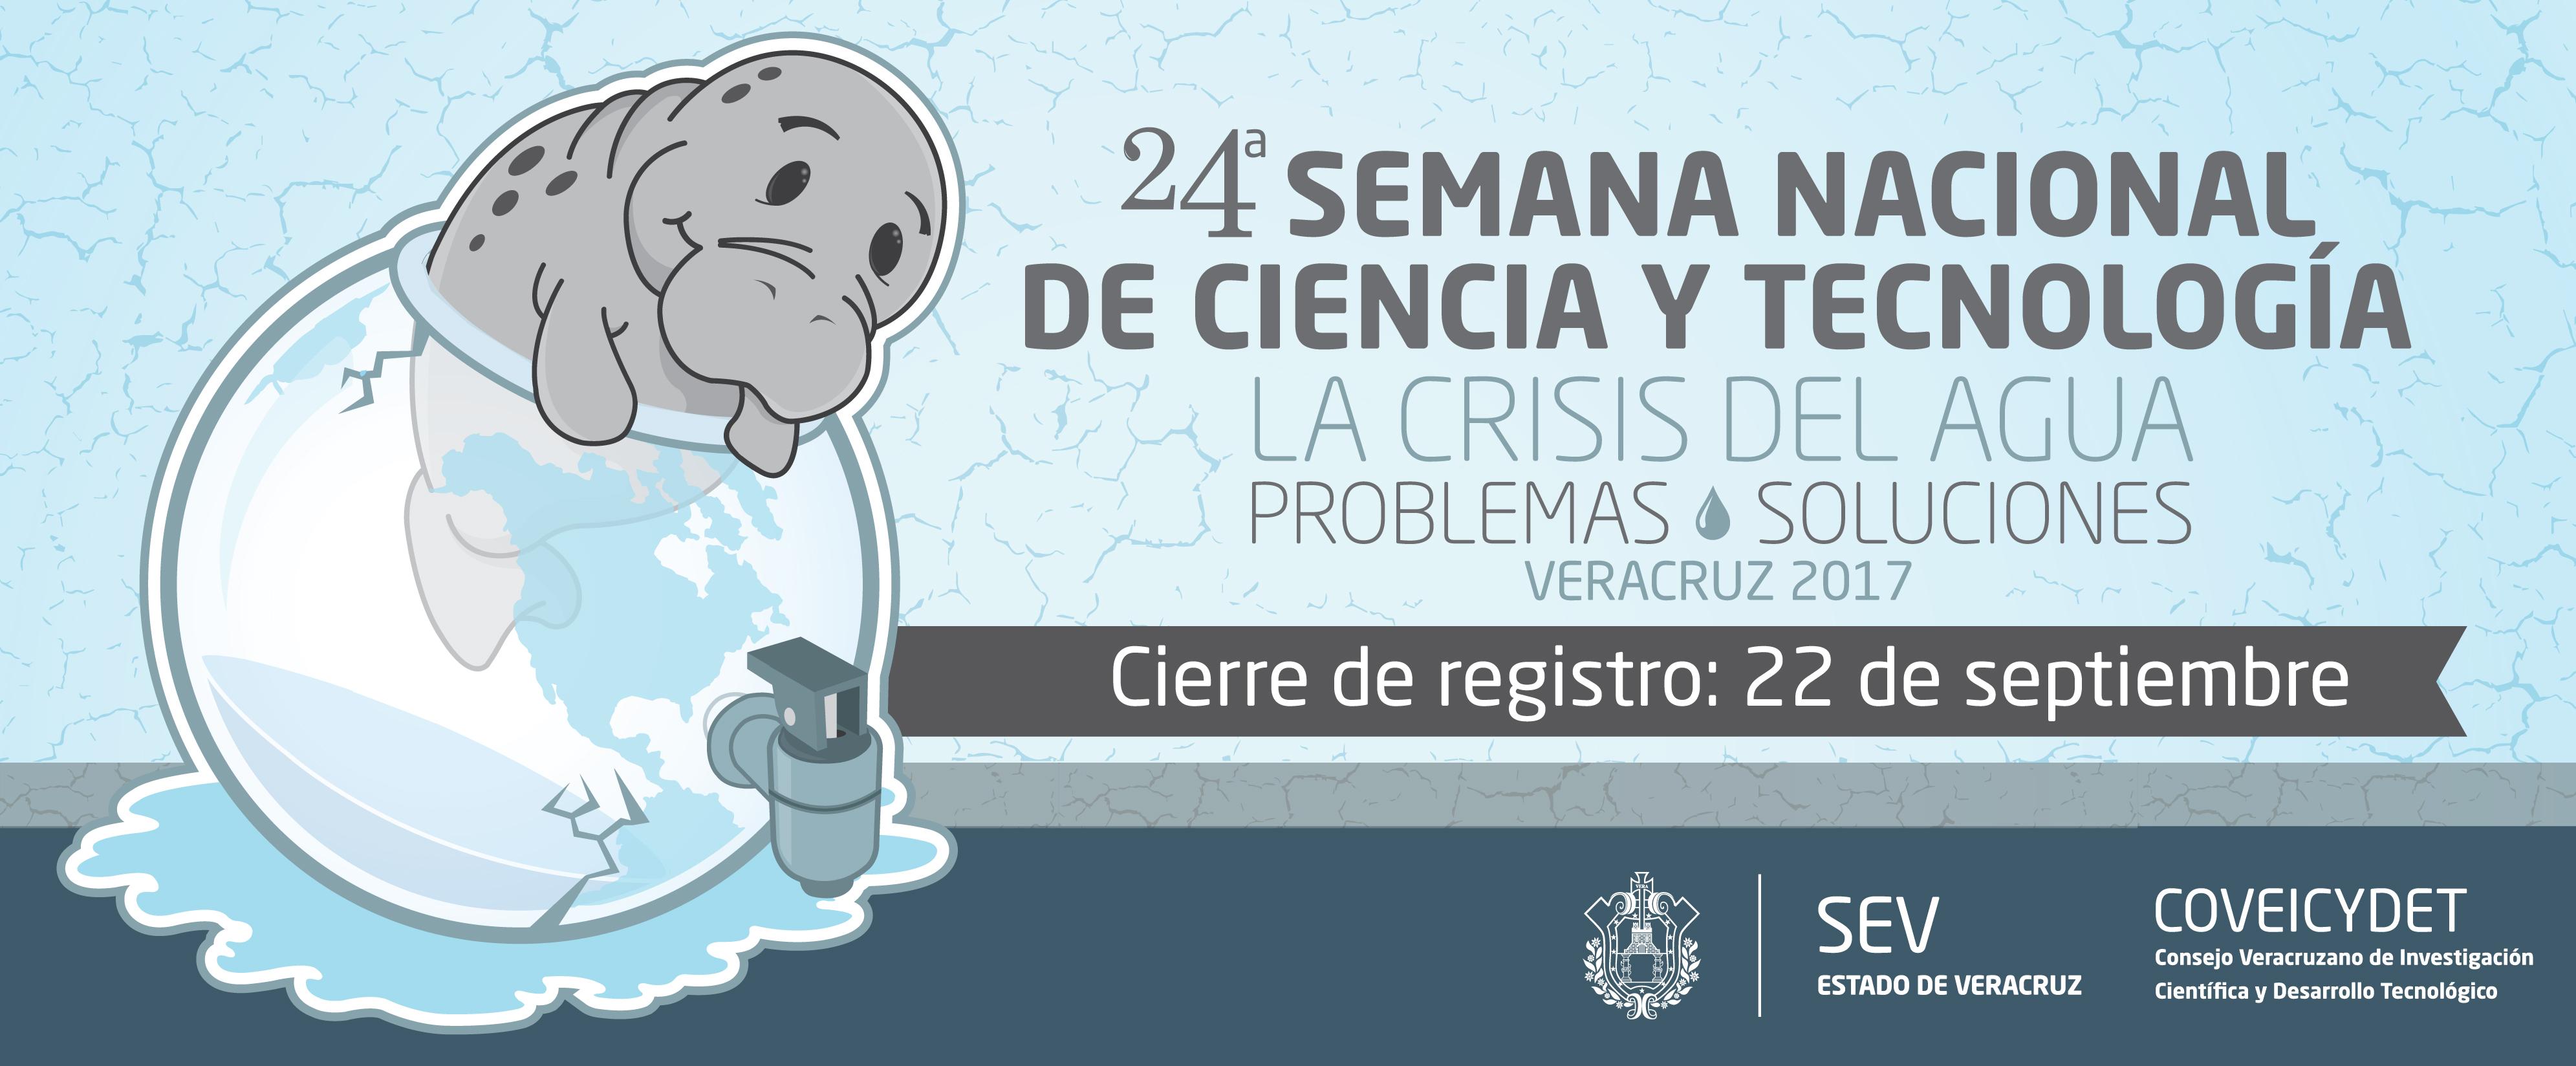 Registro Semana Nacional de Ciencia